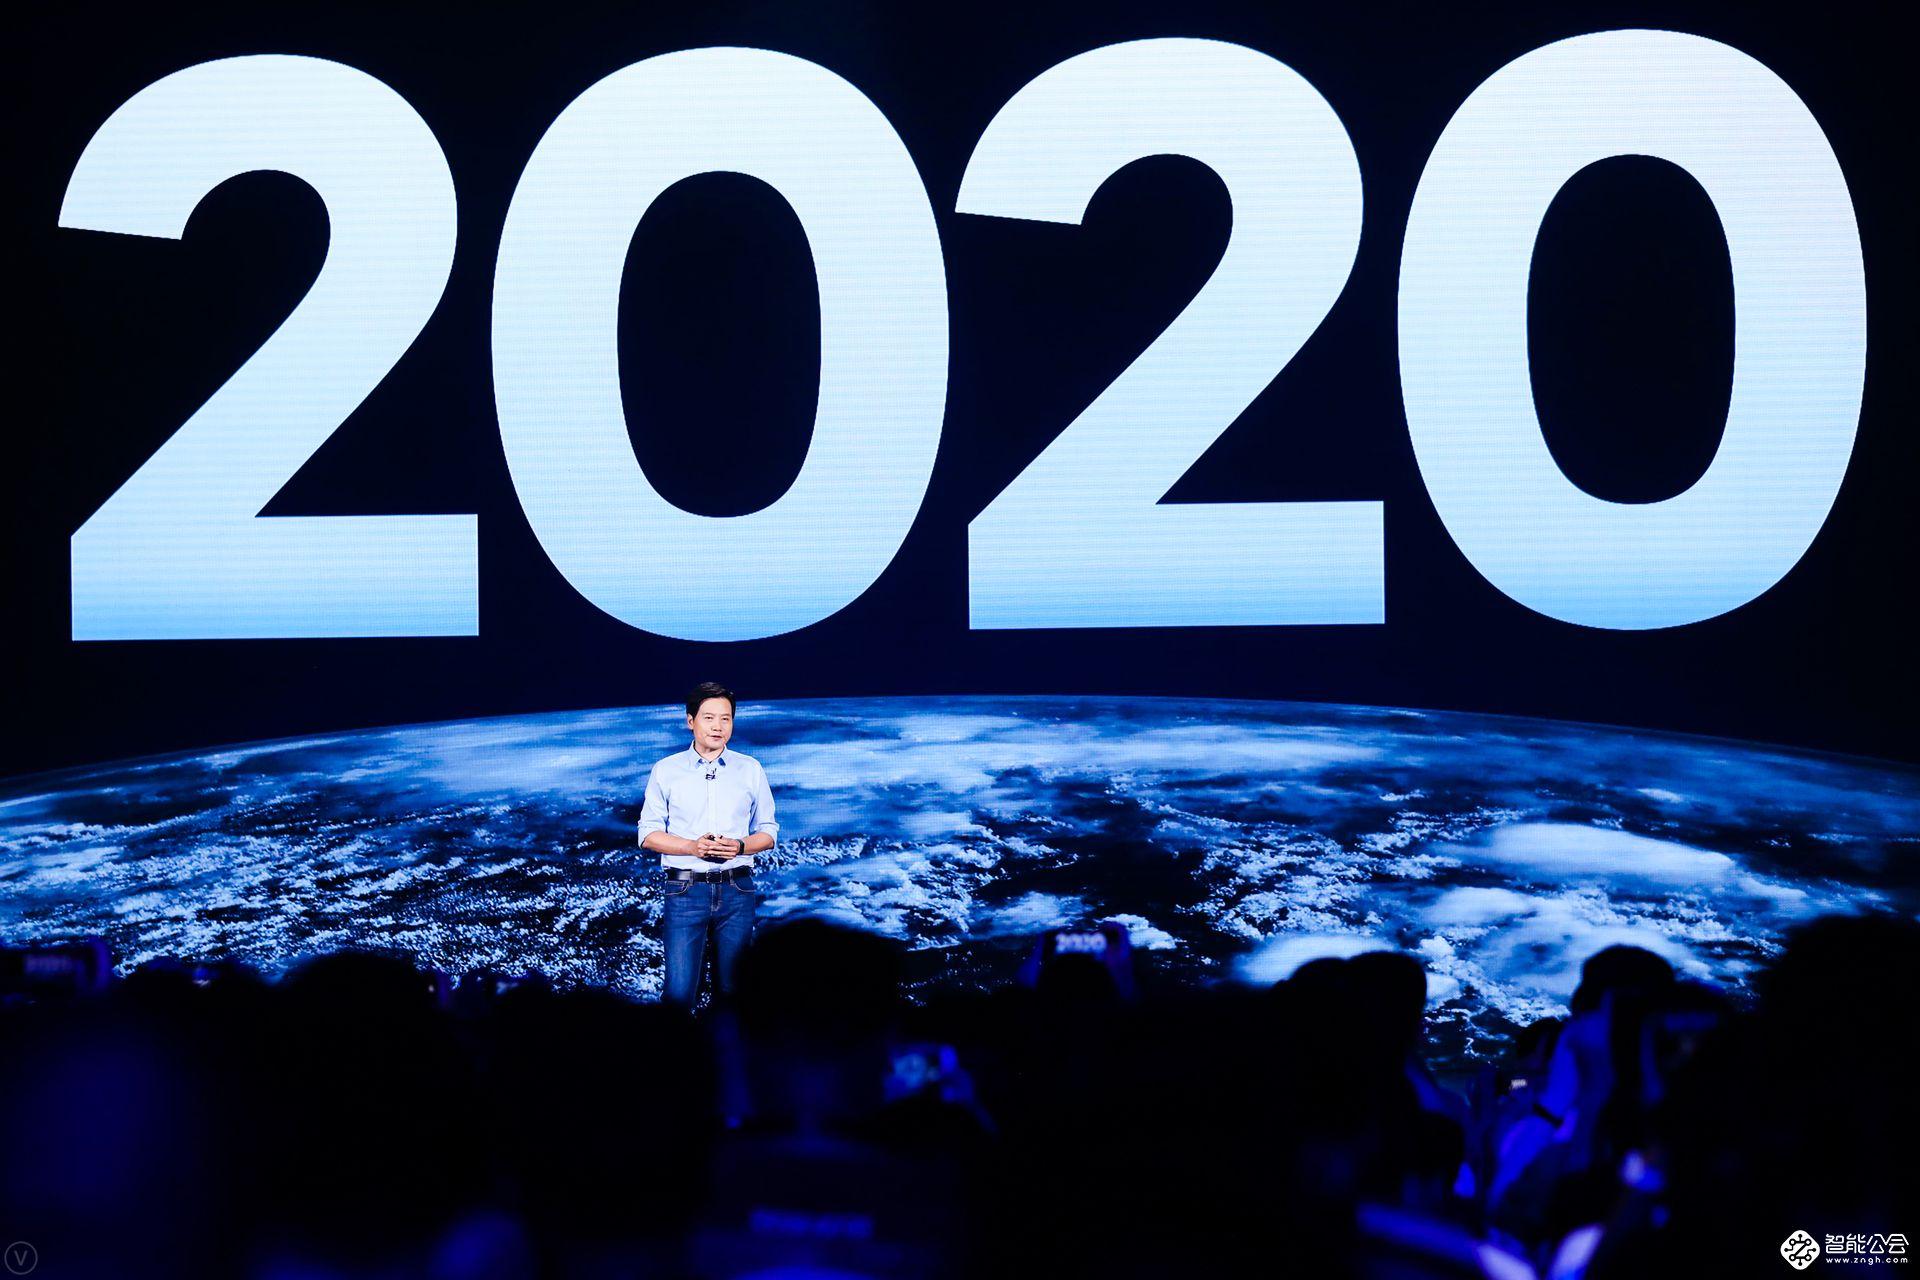 探索之作透见未来 小米发布全球首款量产透明电视售49999元  智能公会